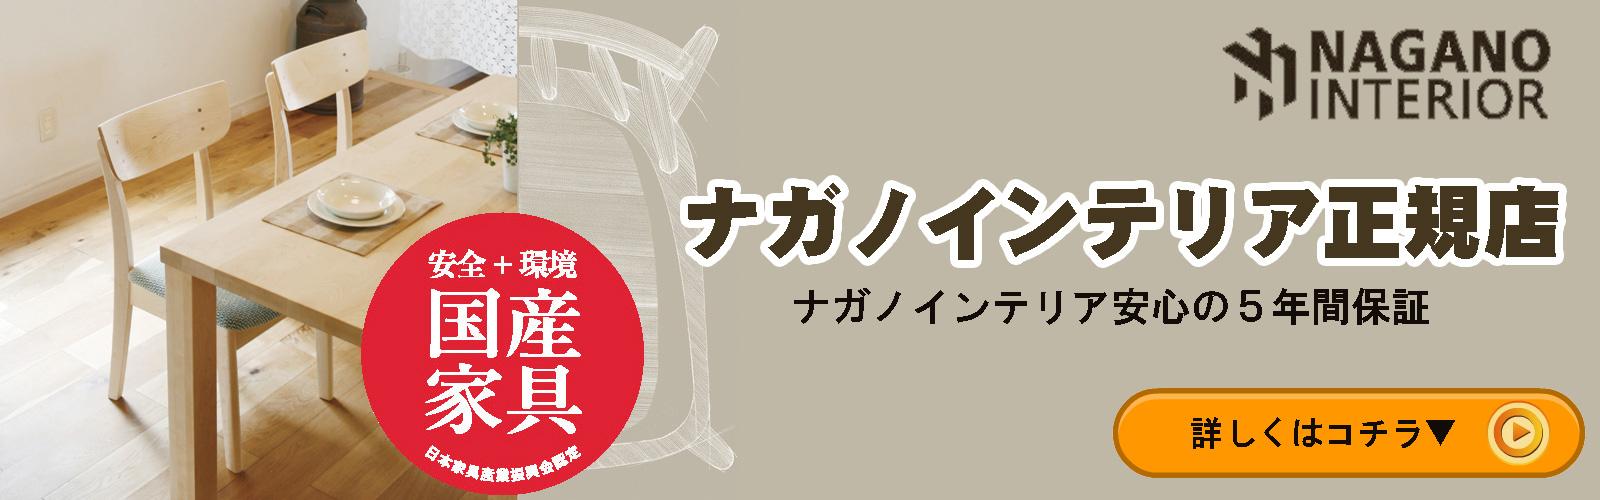 ナガノインテリア 安心5年間品質保証店正規品を最安値でご提供します。